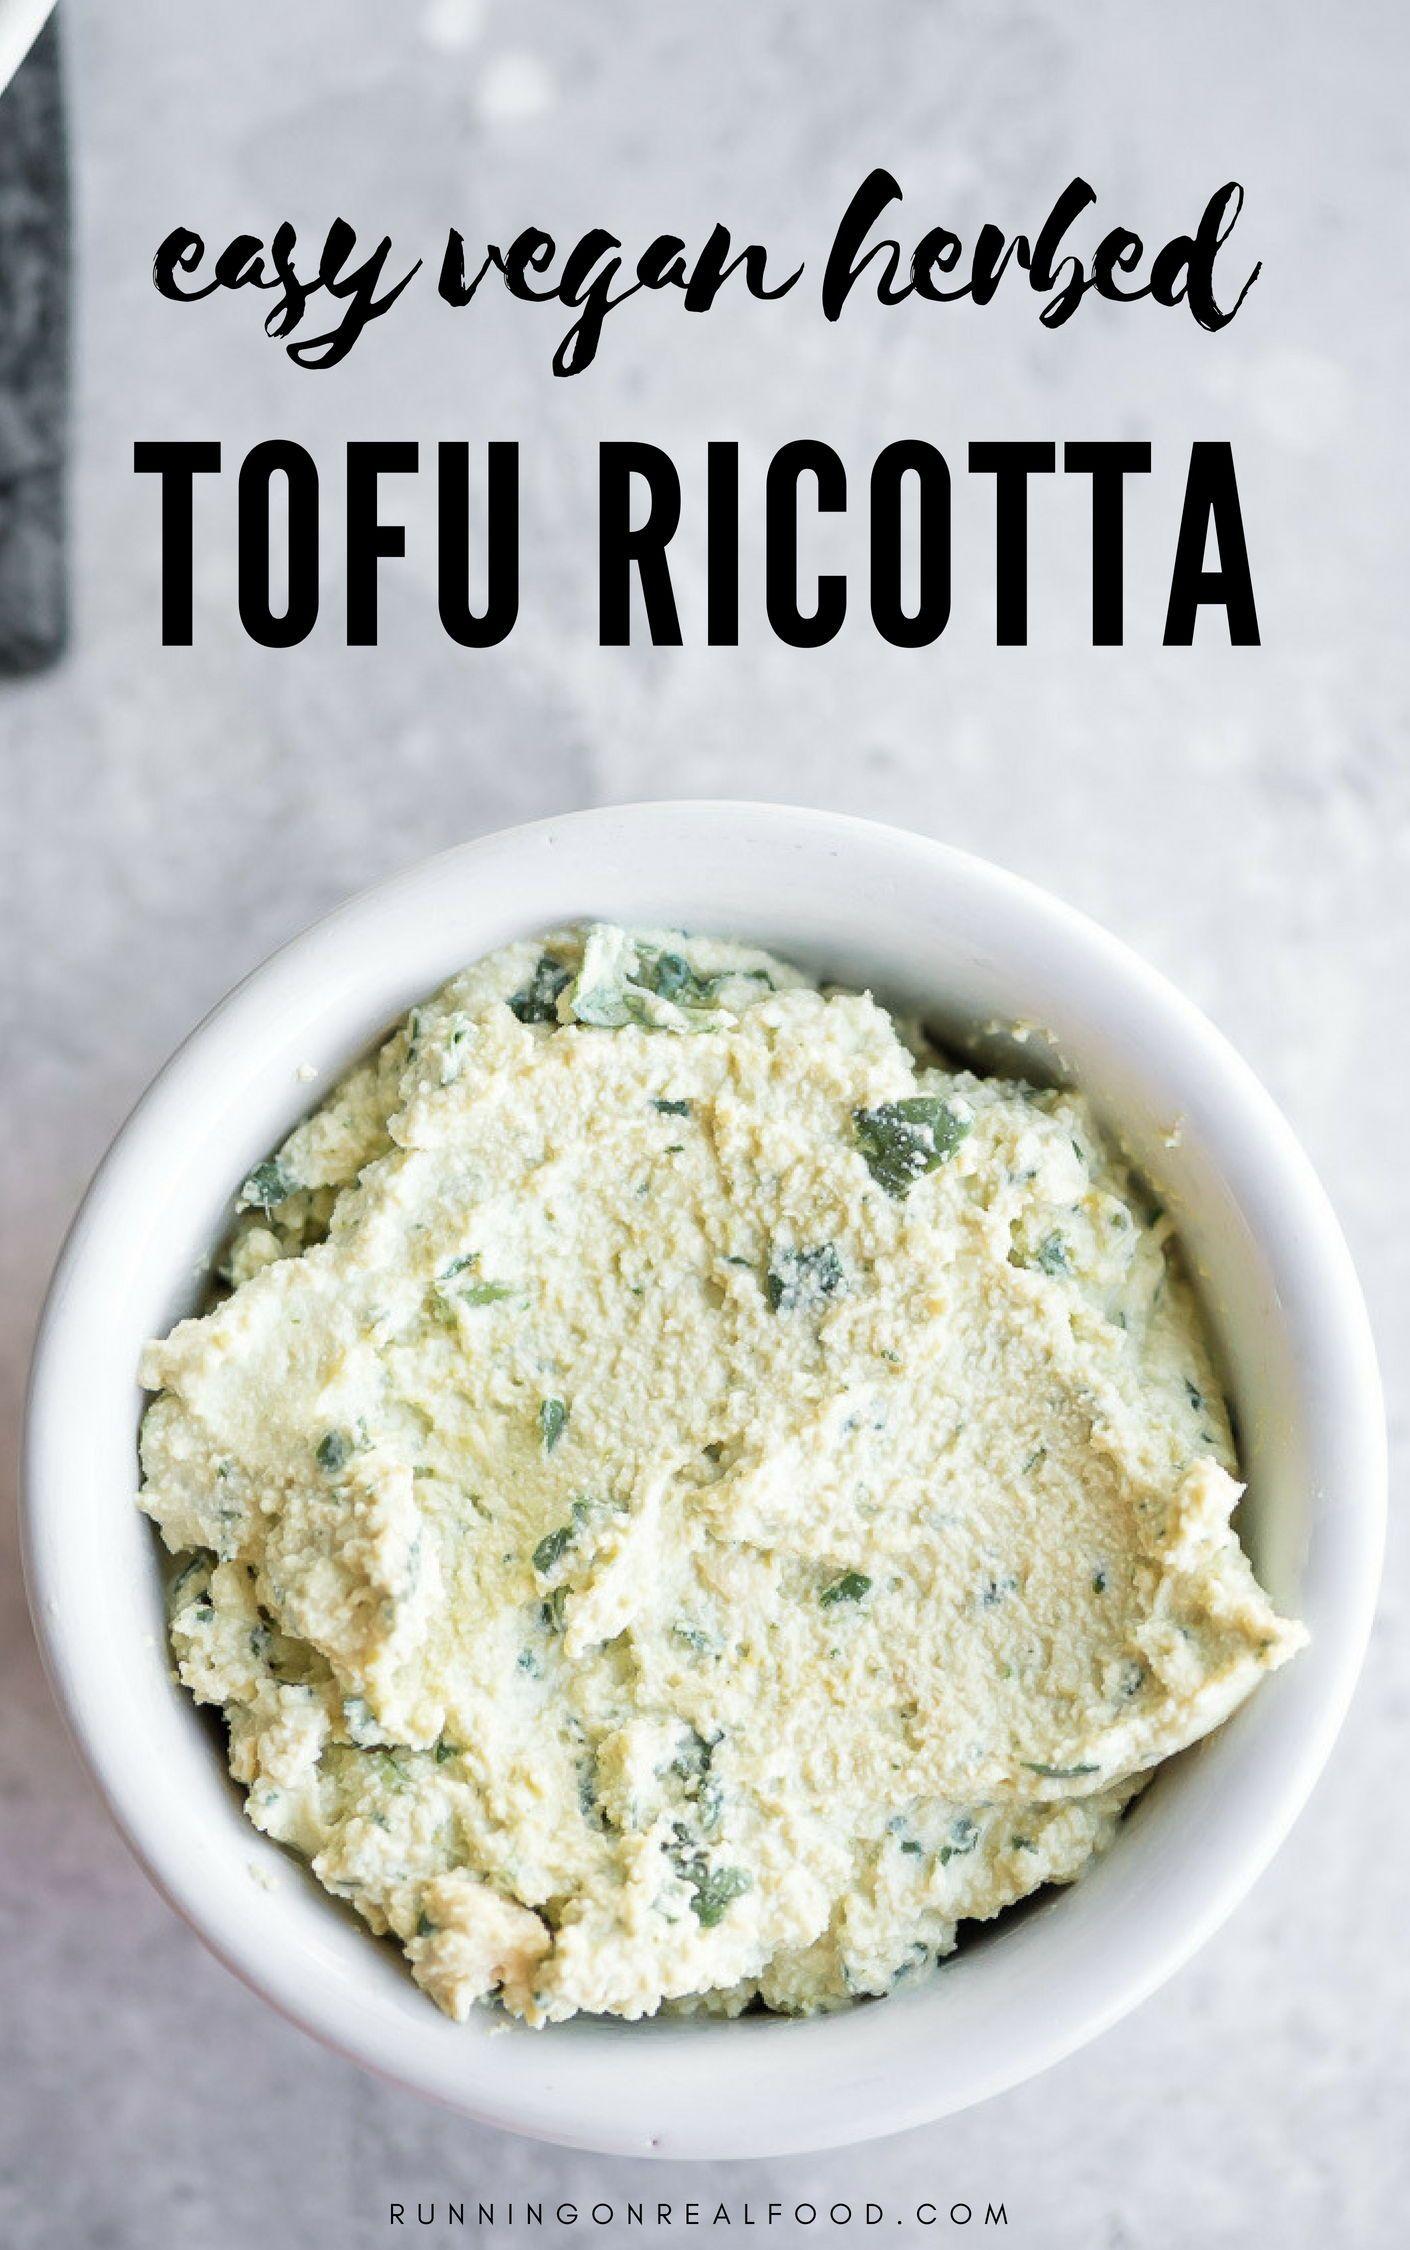 Vegan Herbed Tofu Ricotta